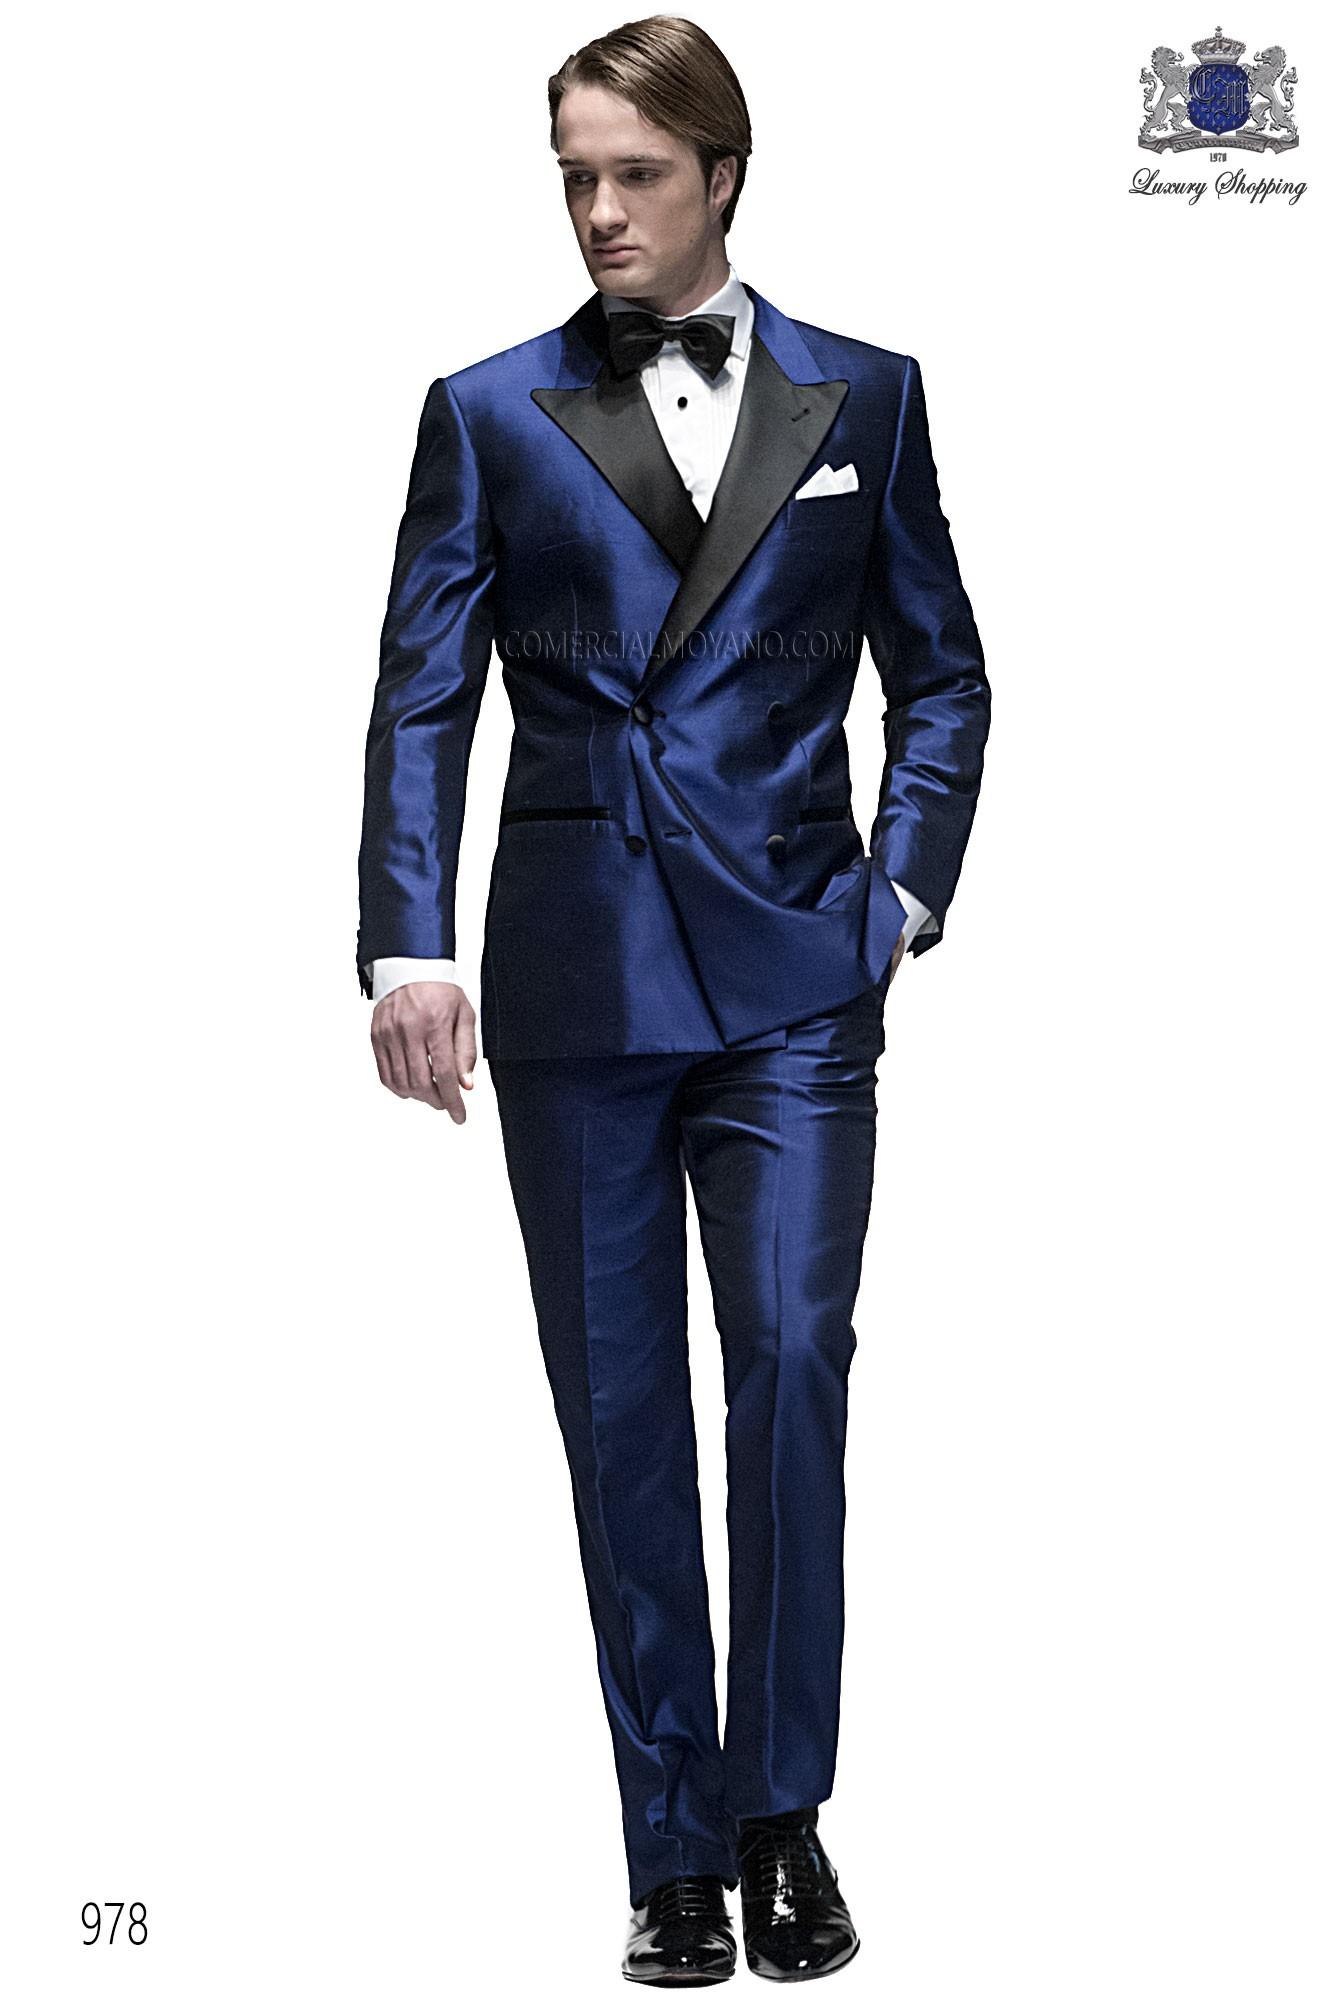 Italian bespoke suit, royal blue wedding tuxedo style 978 ONGala.